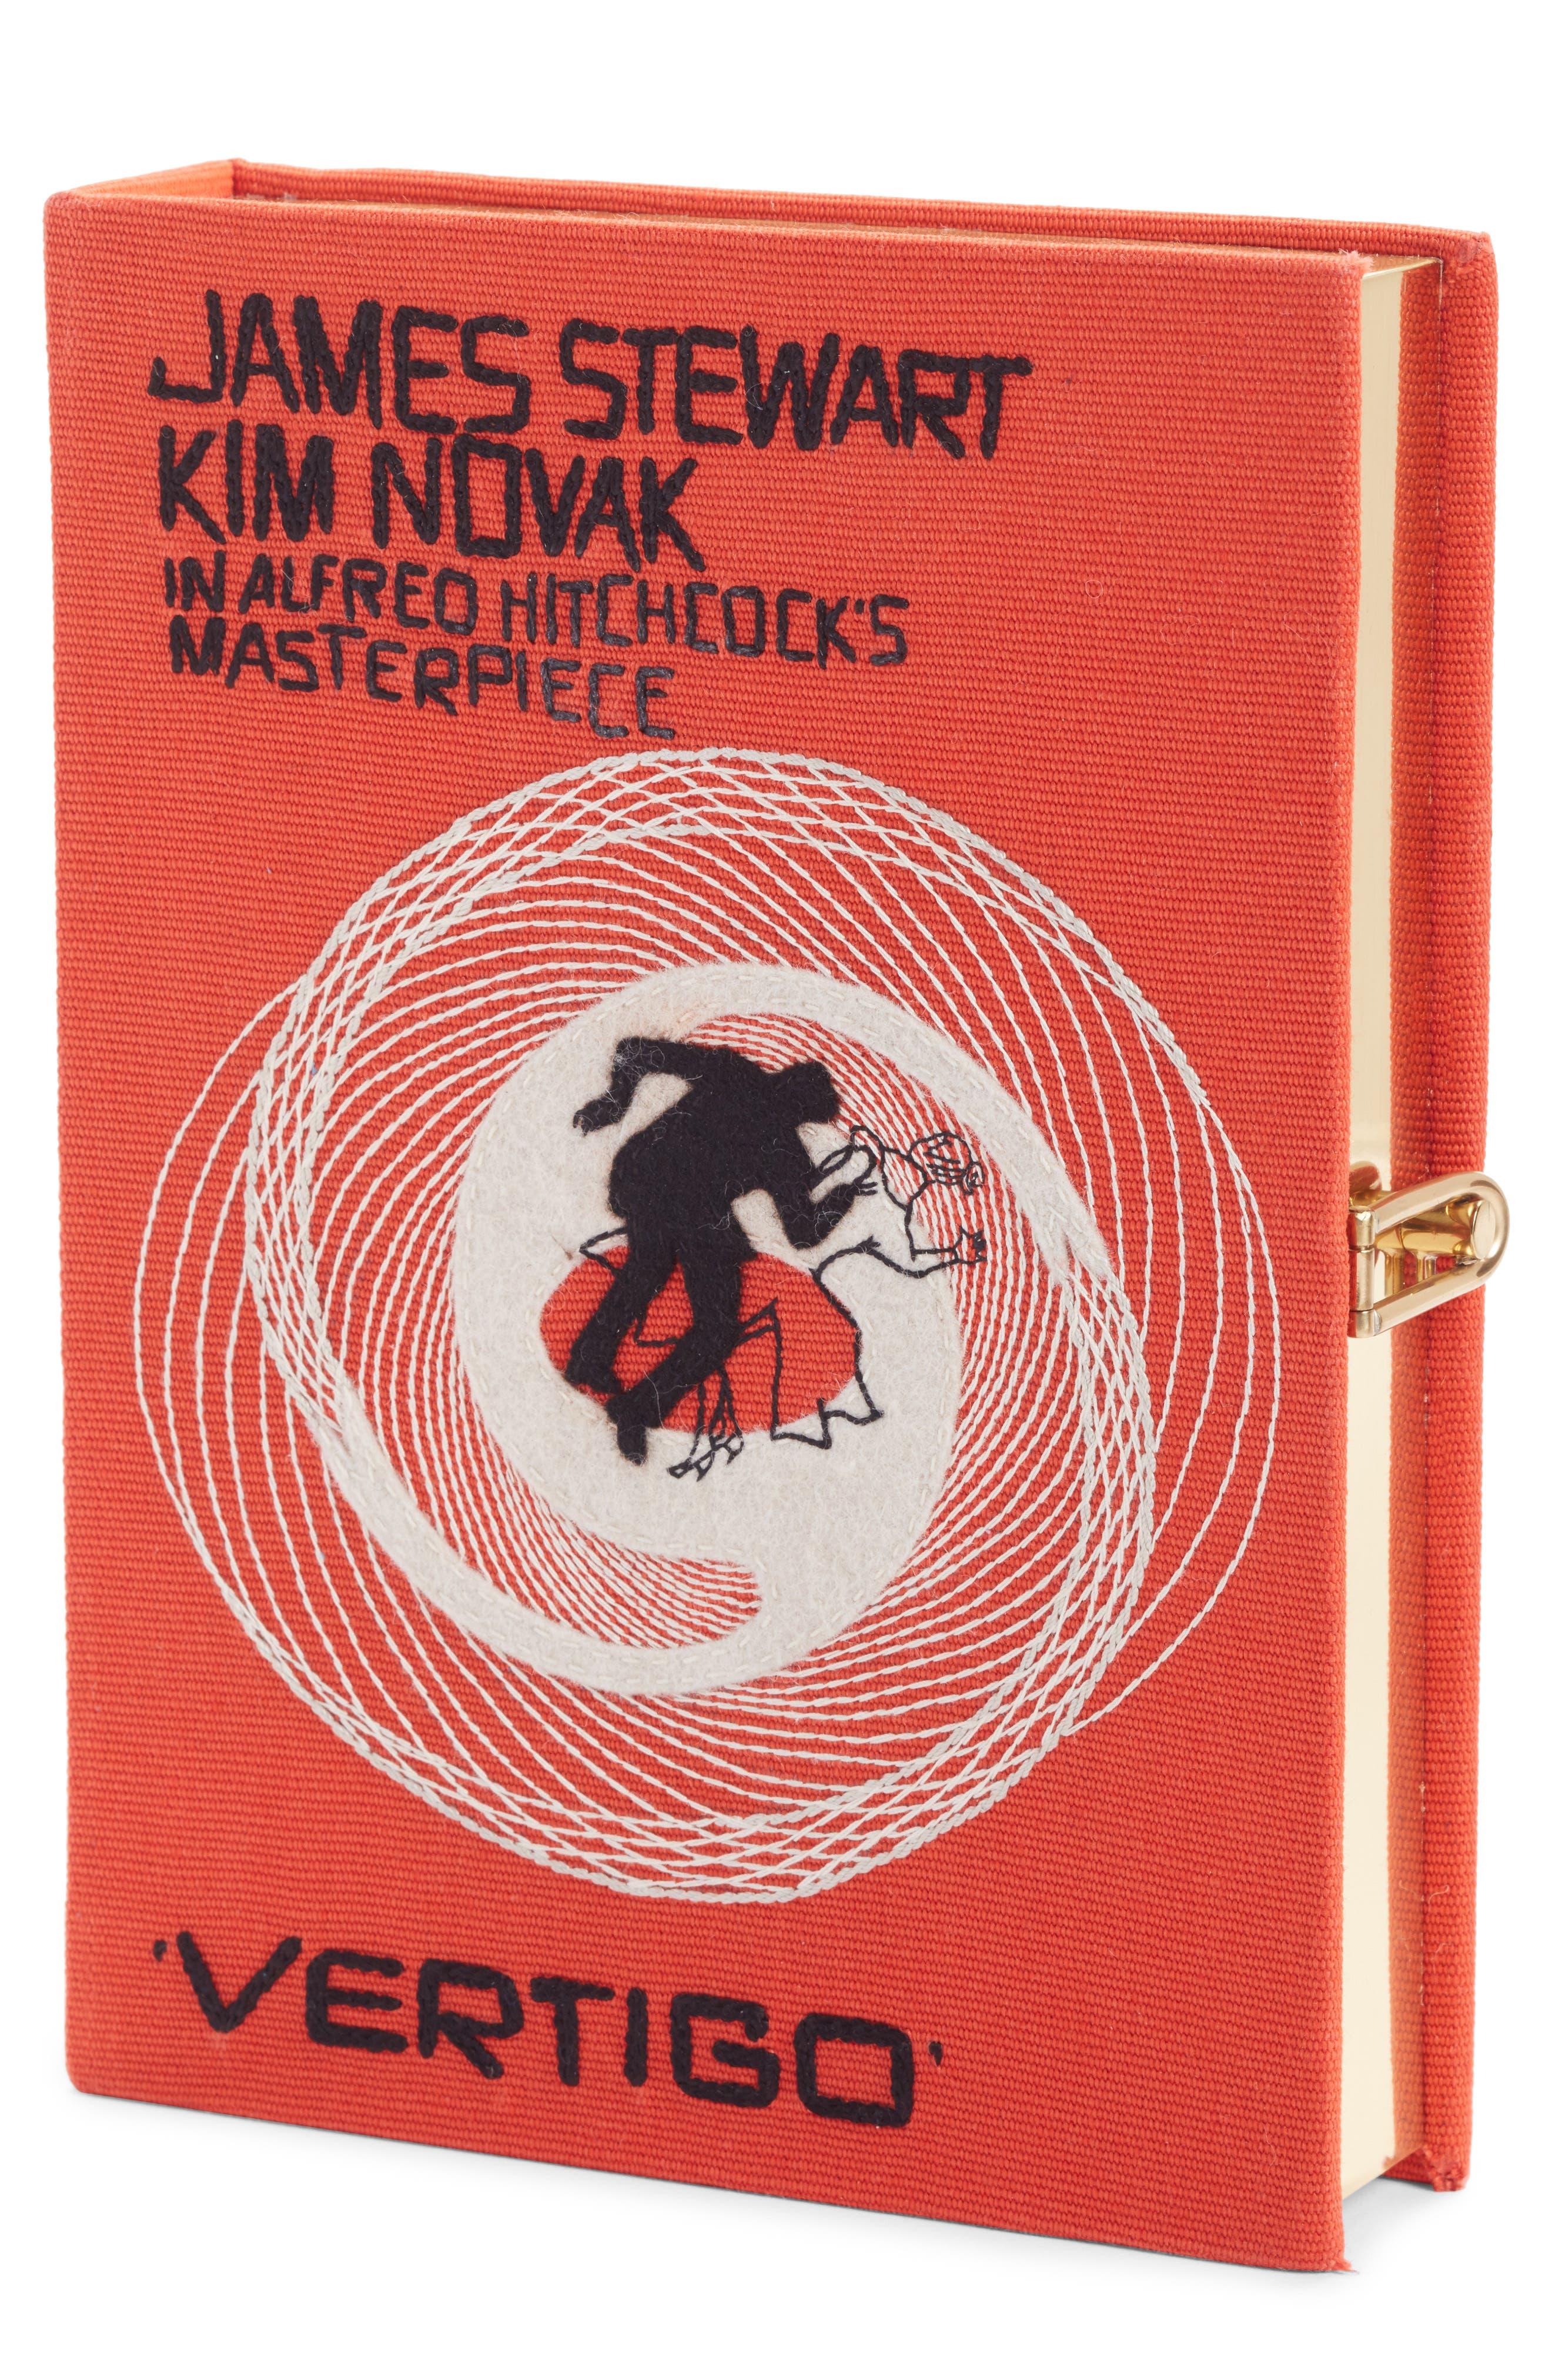 Hitchcock - 'Vertigo' Book Clutch,                             Main thumbnail 1, color,                             Orange